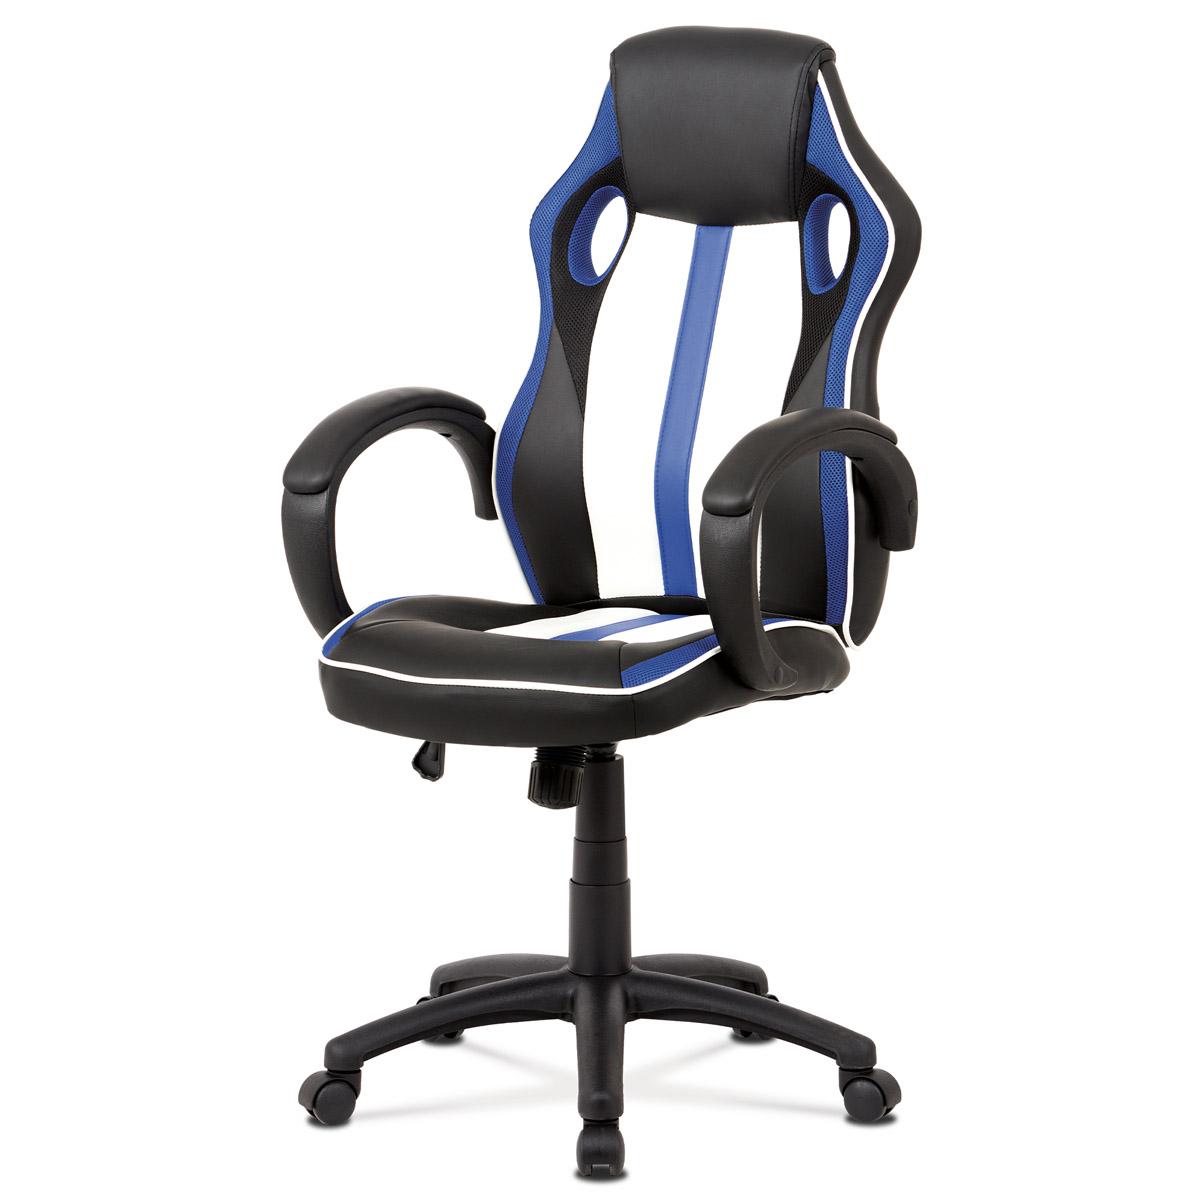 Autronic - Kancelářská židle, modrá-černá ekokůže+MESH, houpací mech, kříž plast černý - KA-V505 BLUE